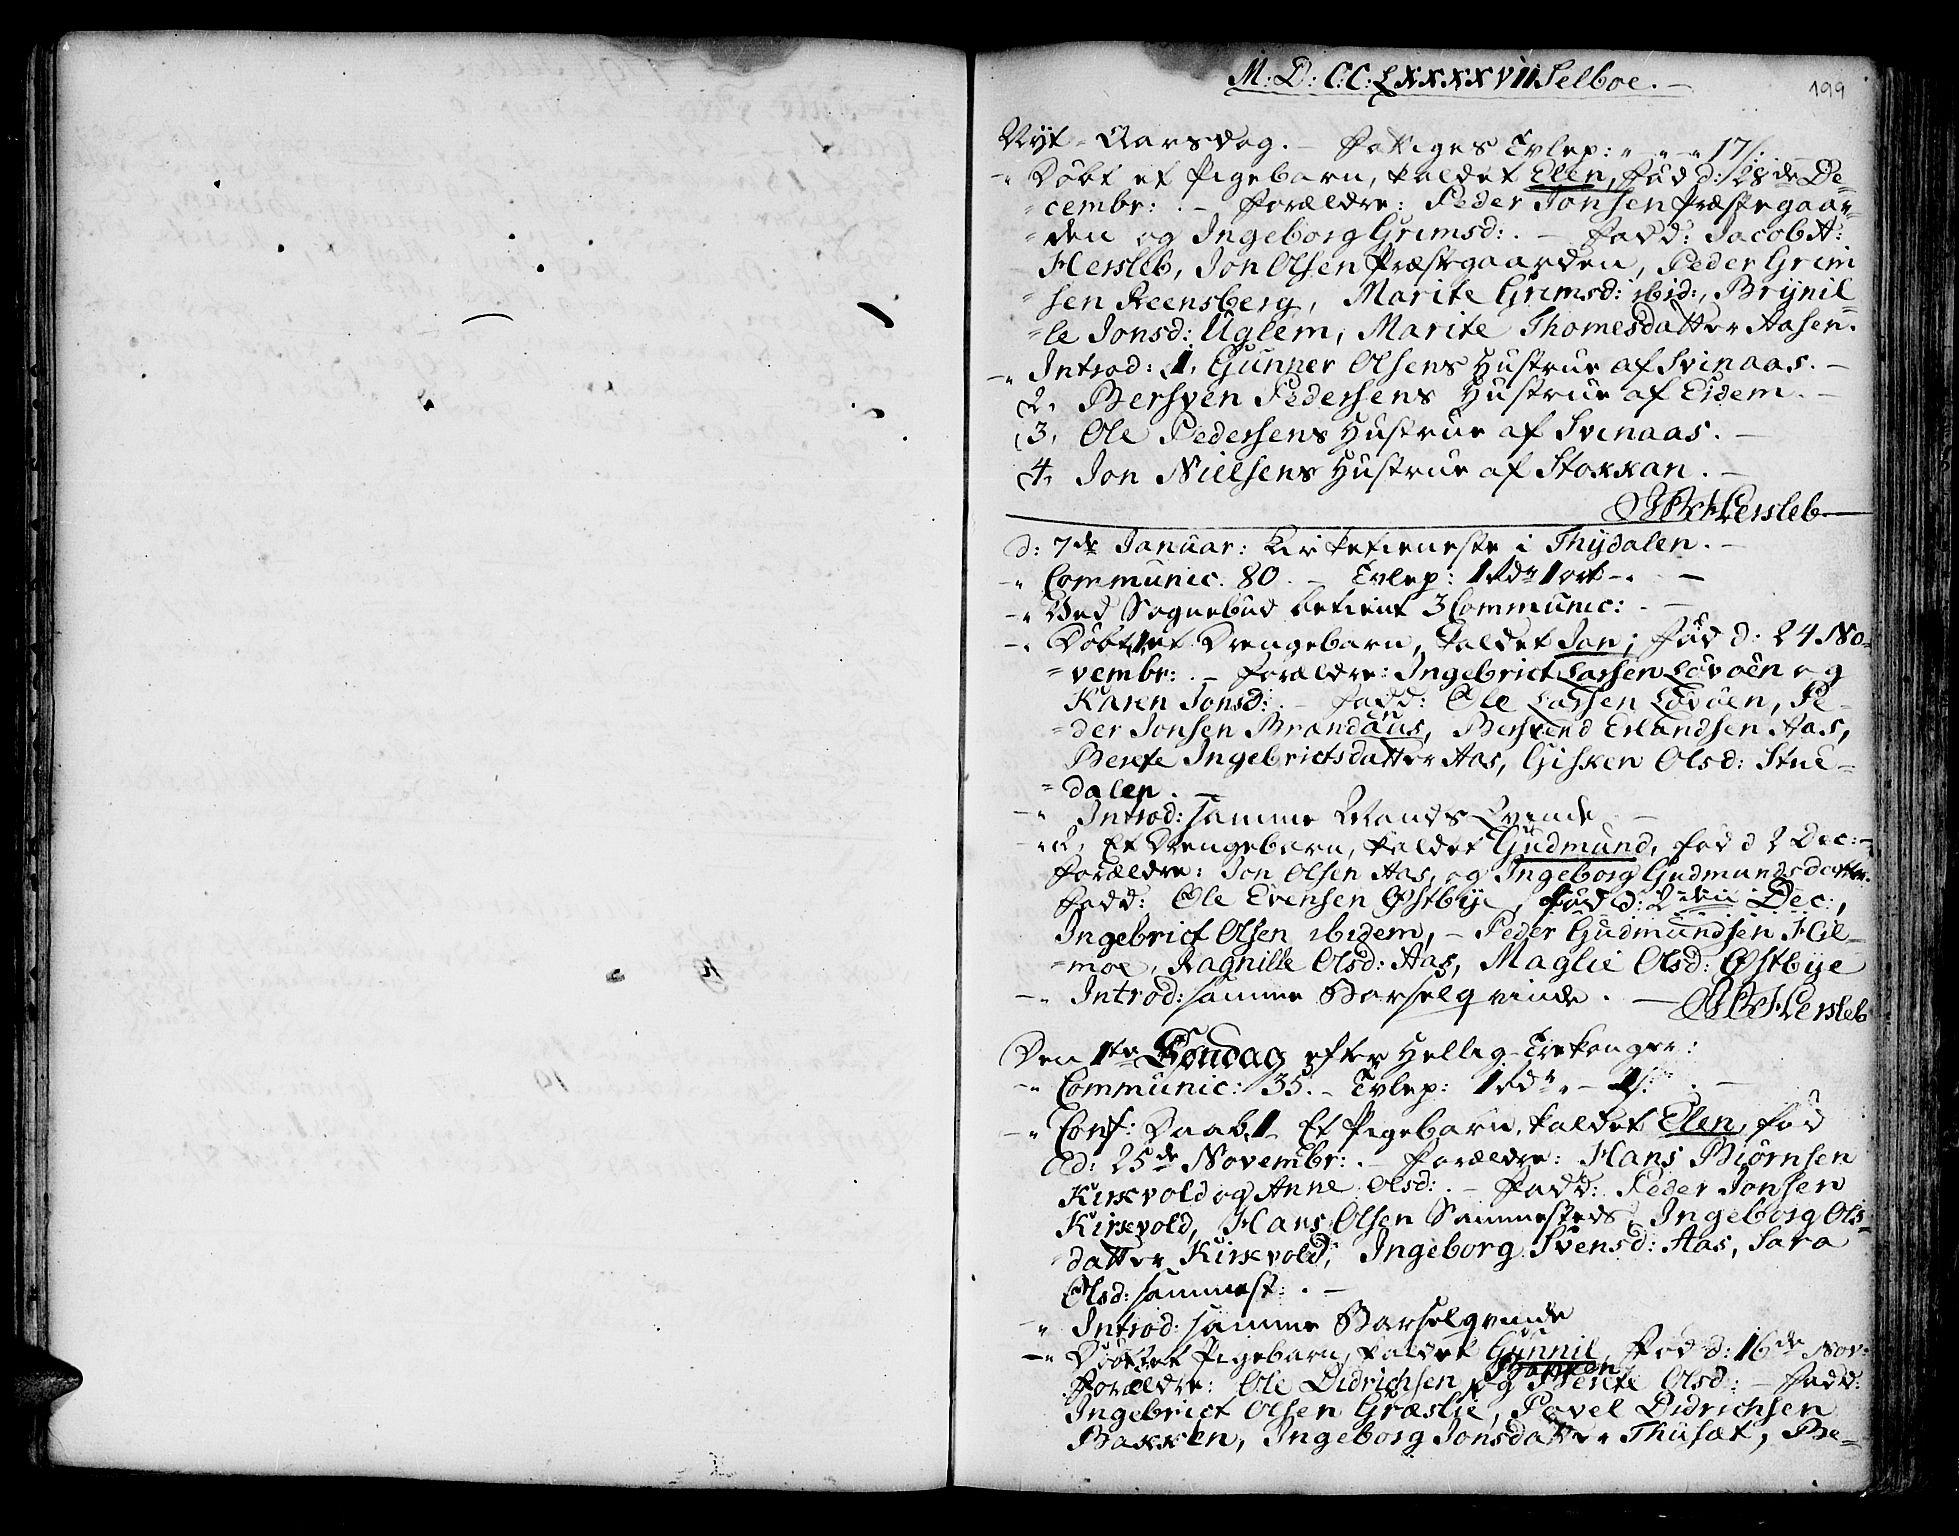 SAT, Ministerialprotokoller, klokkerbøker og fødselsregistre - Sør-Trøndelag, 695/L1138: Ministerialbok nr. 695A02 /1, 1757-1801, s. 199